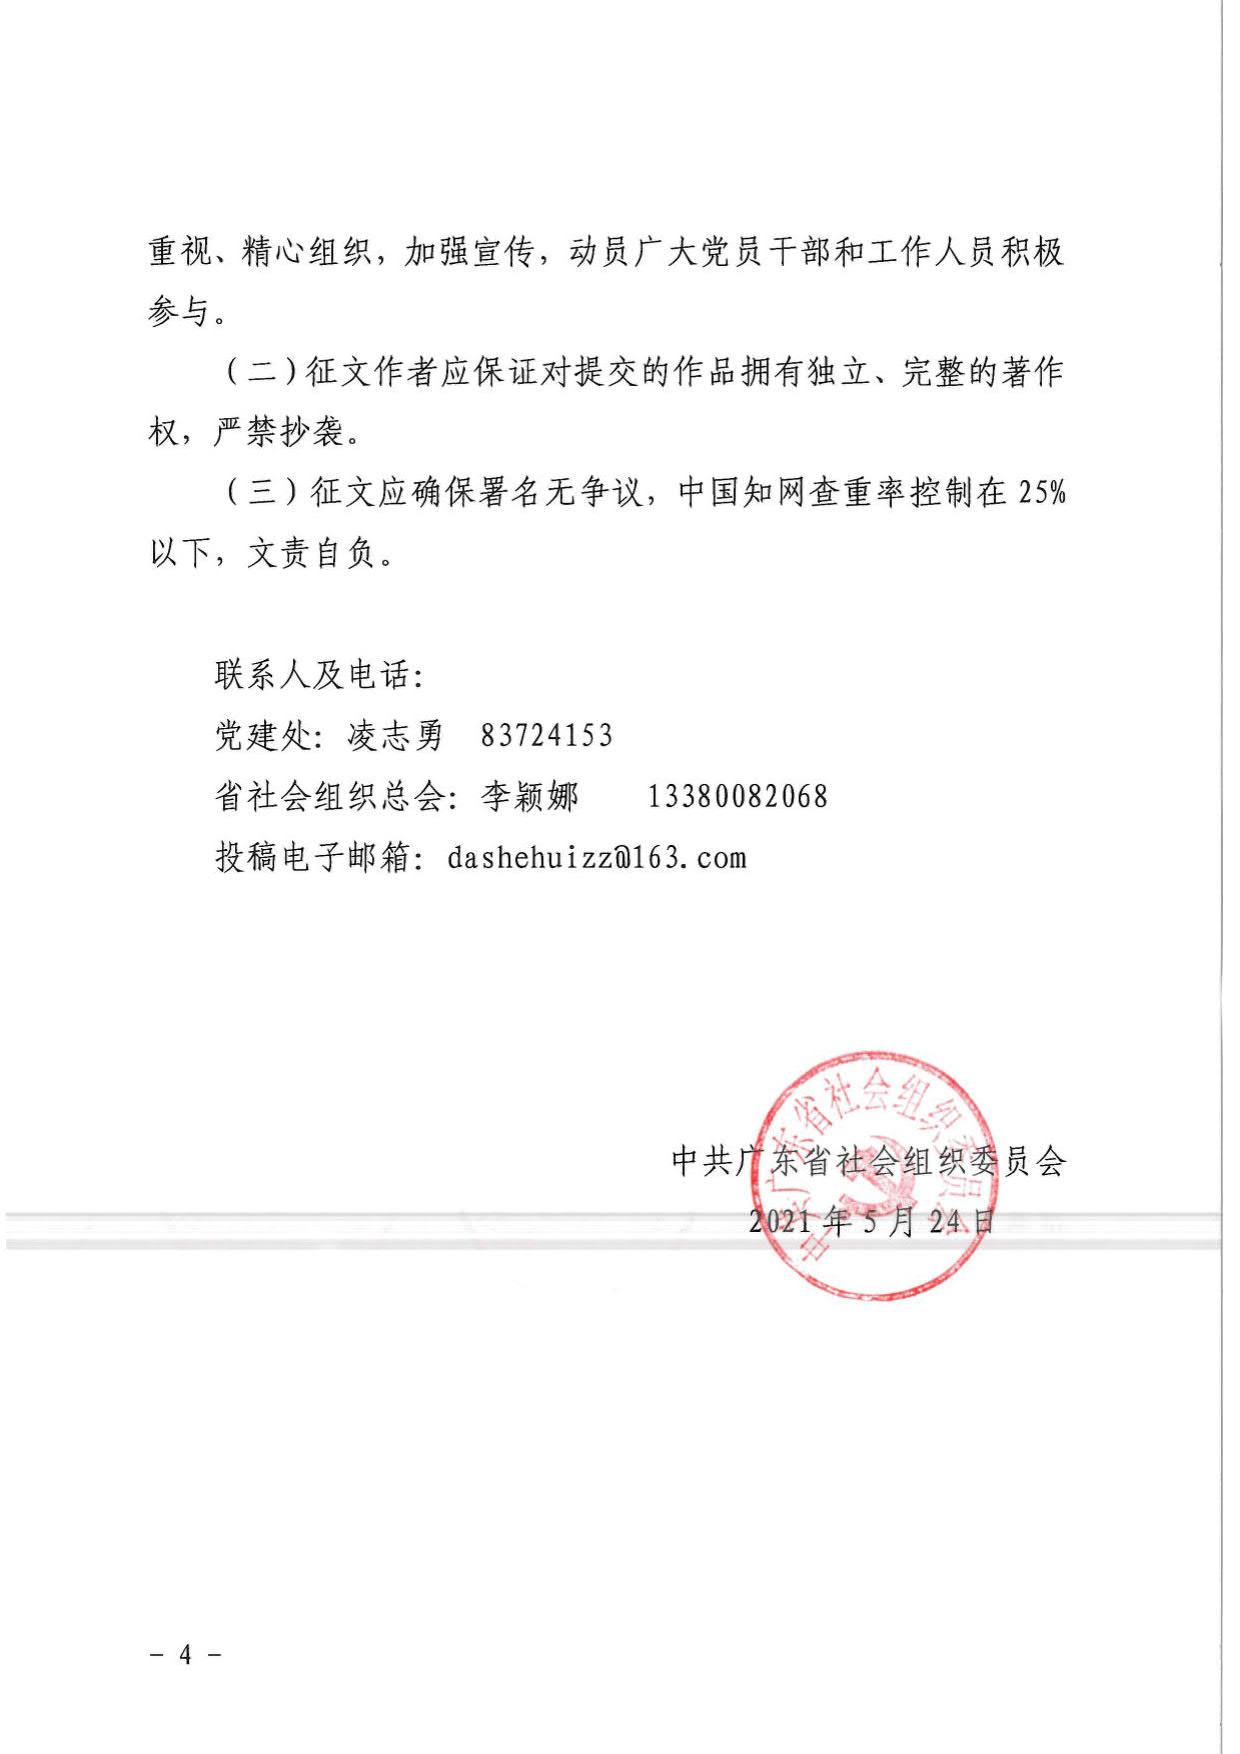 中共广东省社会组织委员会关于开展庆祝建党100周年主题征文活动的通知_4.jpg